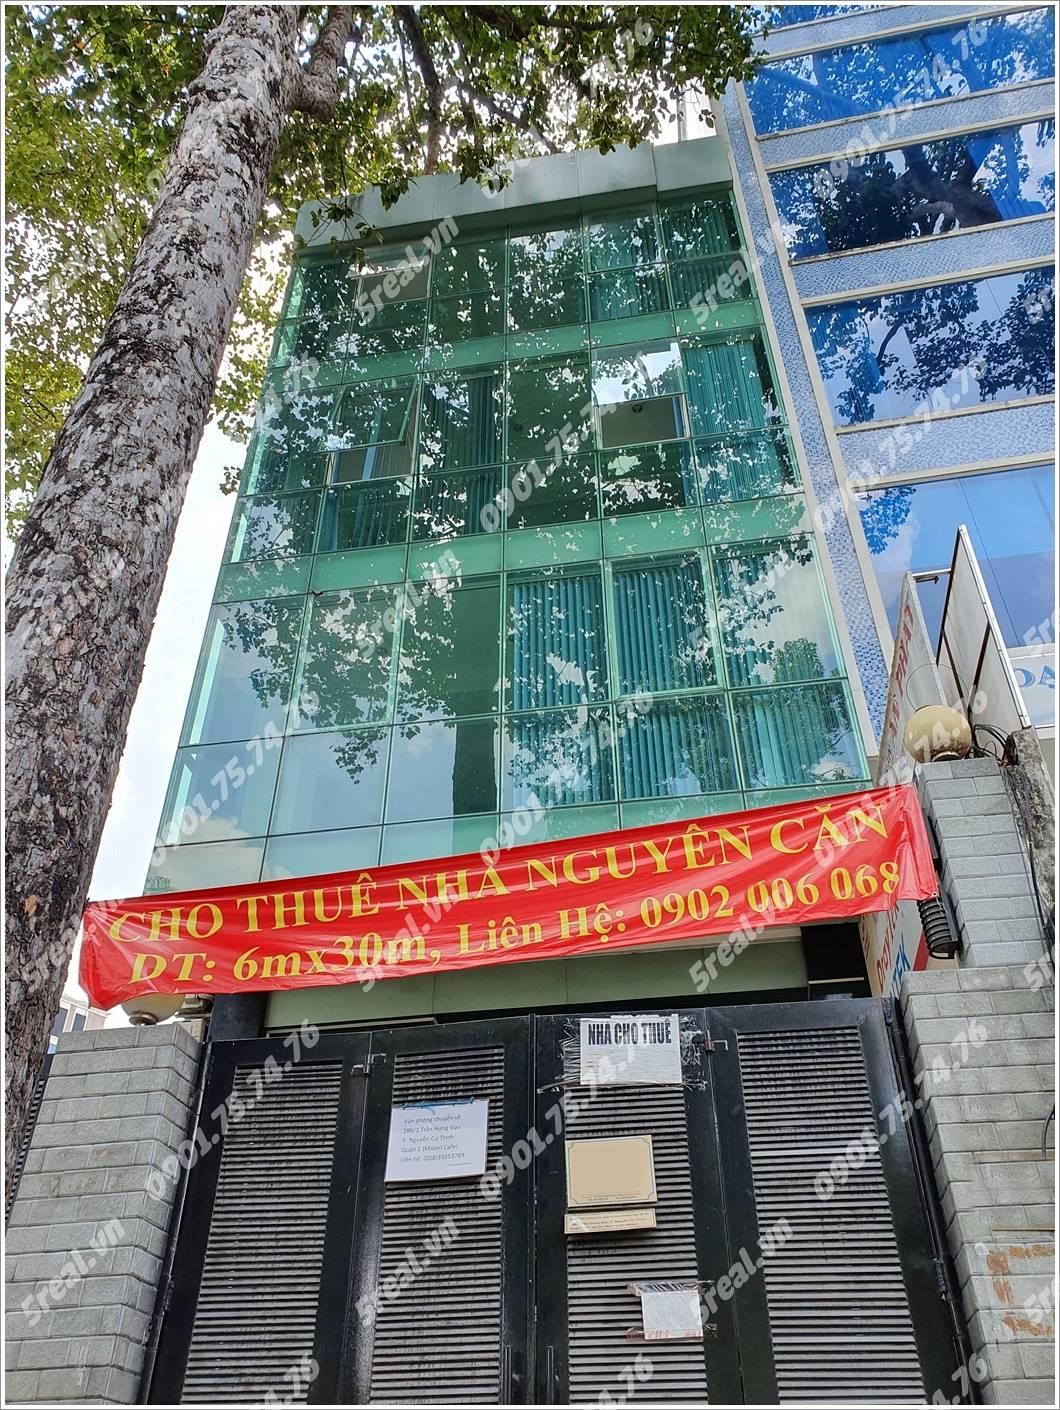 3c-building-tran-phu-quan-5-van-phong-cho-thue-tphcm-5real.vn-01